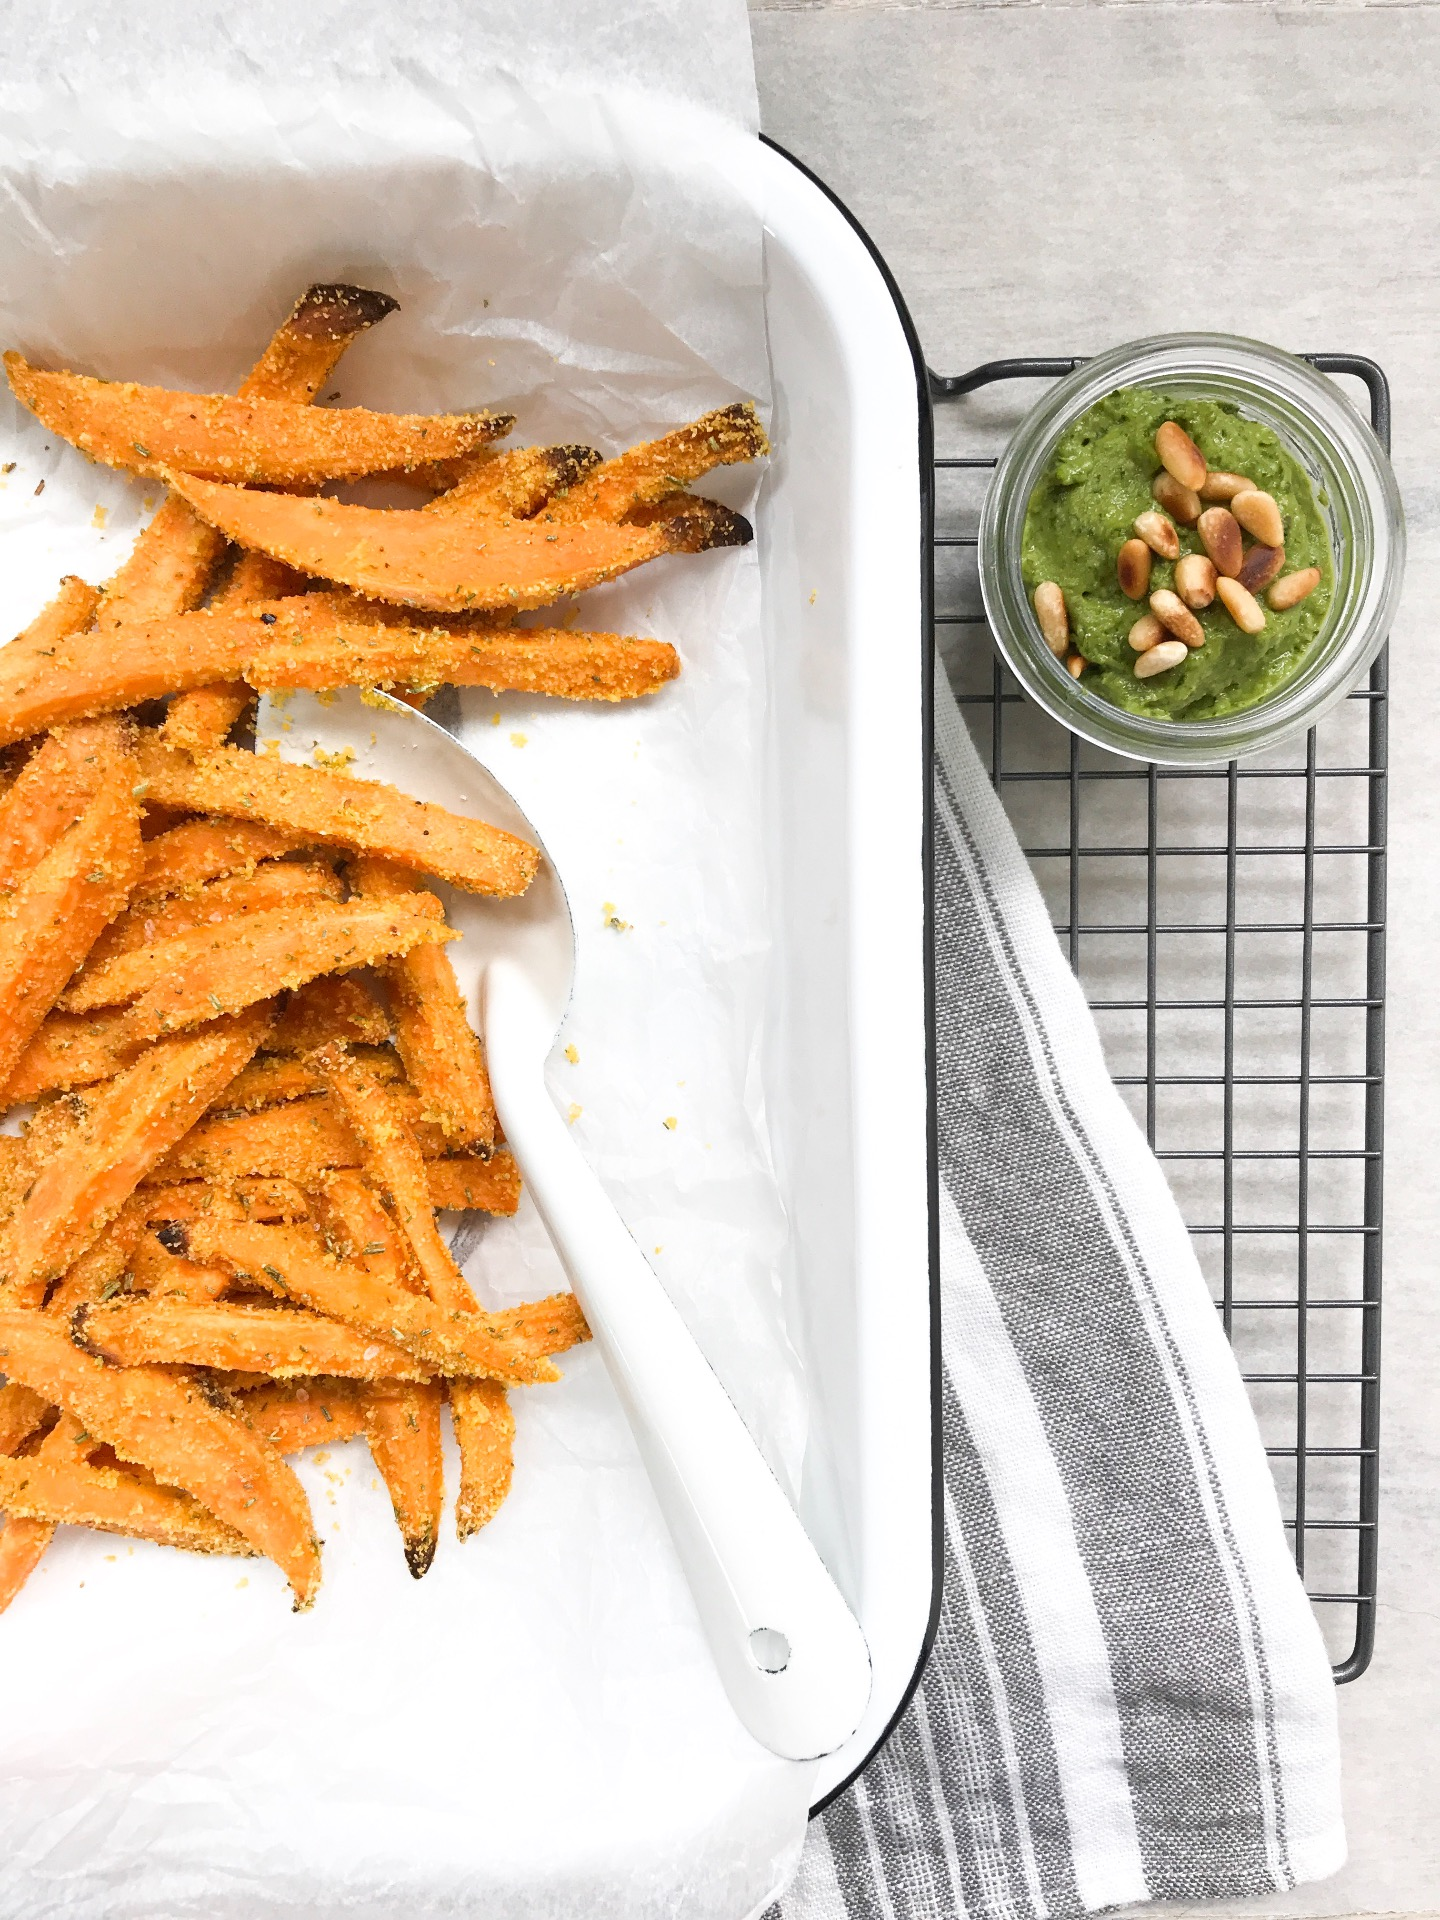 Zoete aardappel friet met avocado dip foodlies